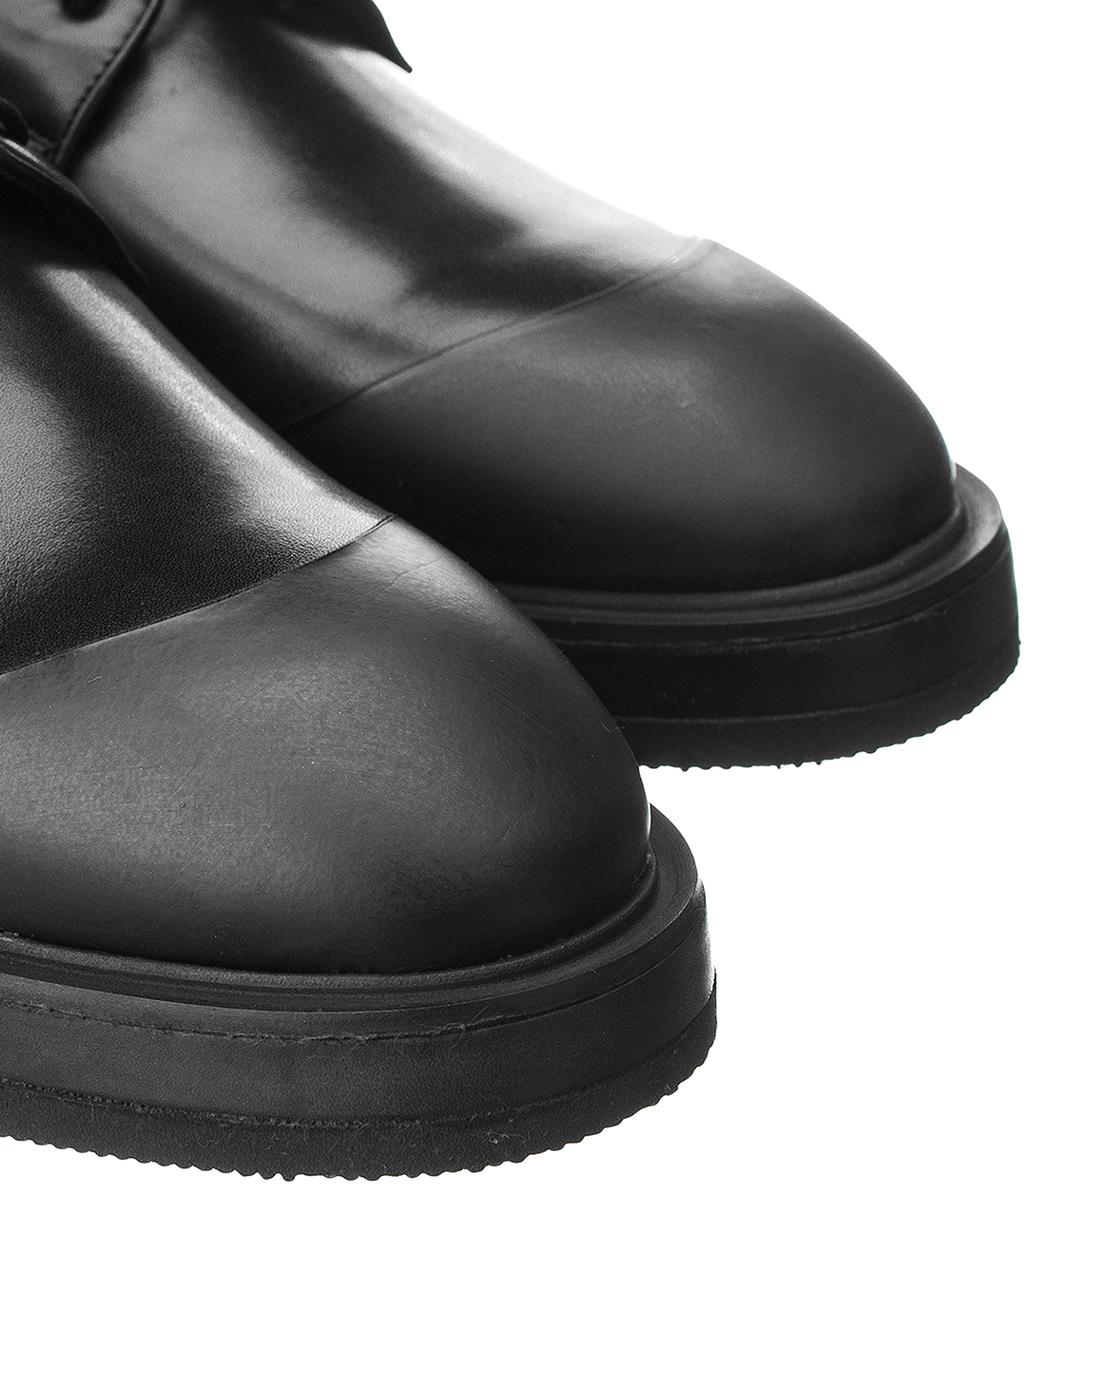 Туфли черные мужские Brecos S8192-4